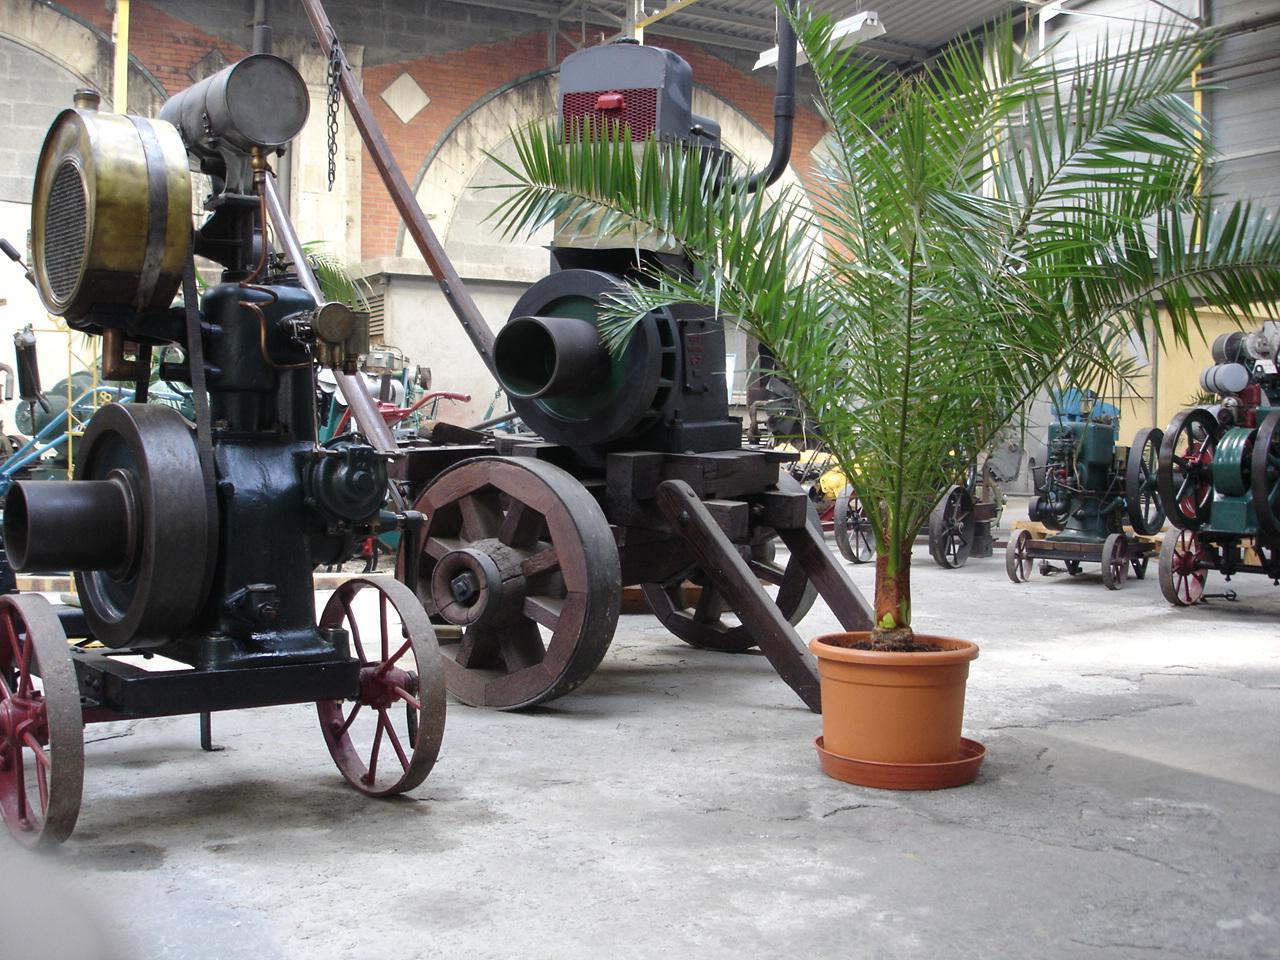 Musée du Moteur